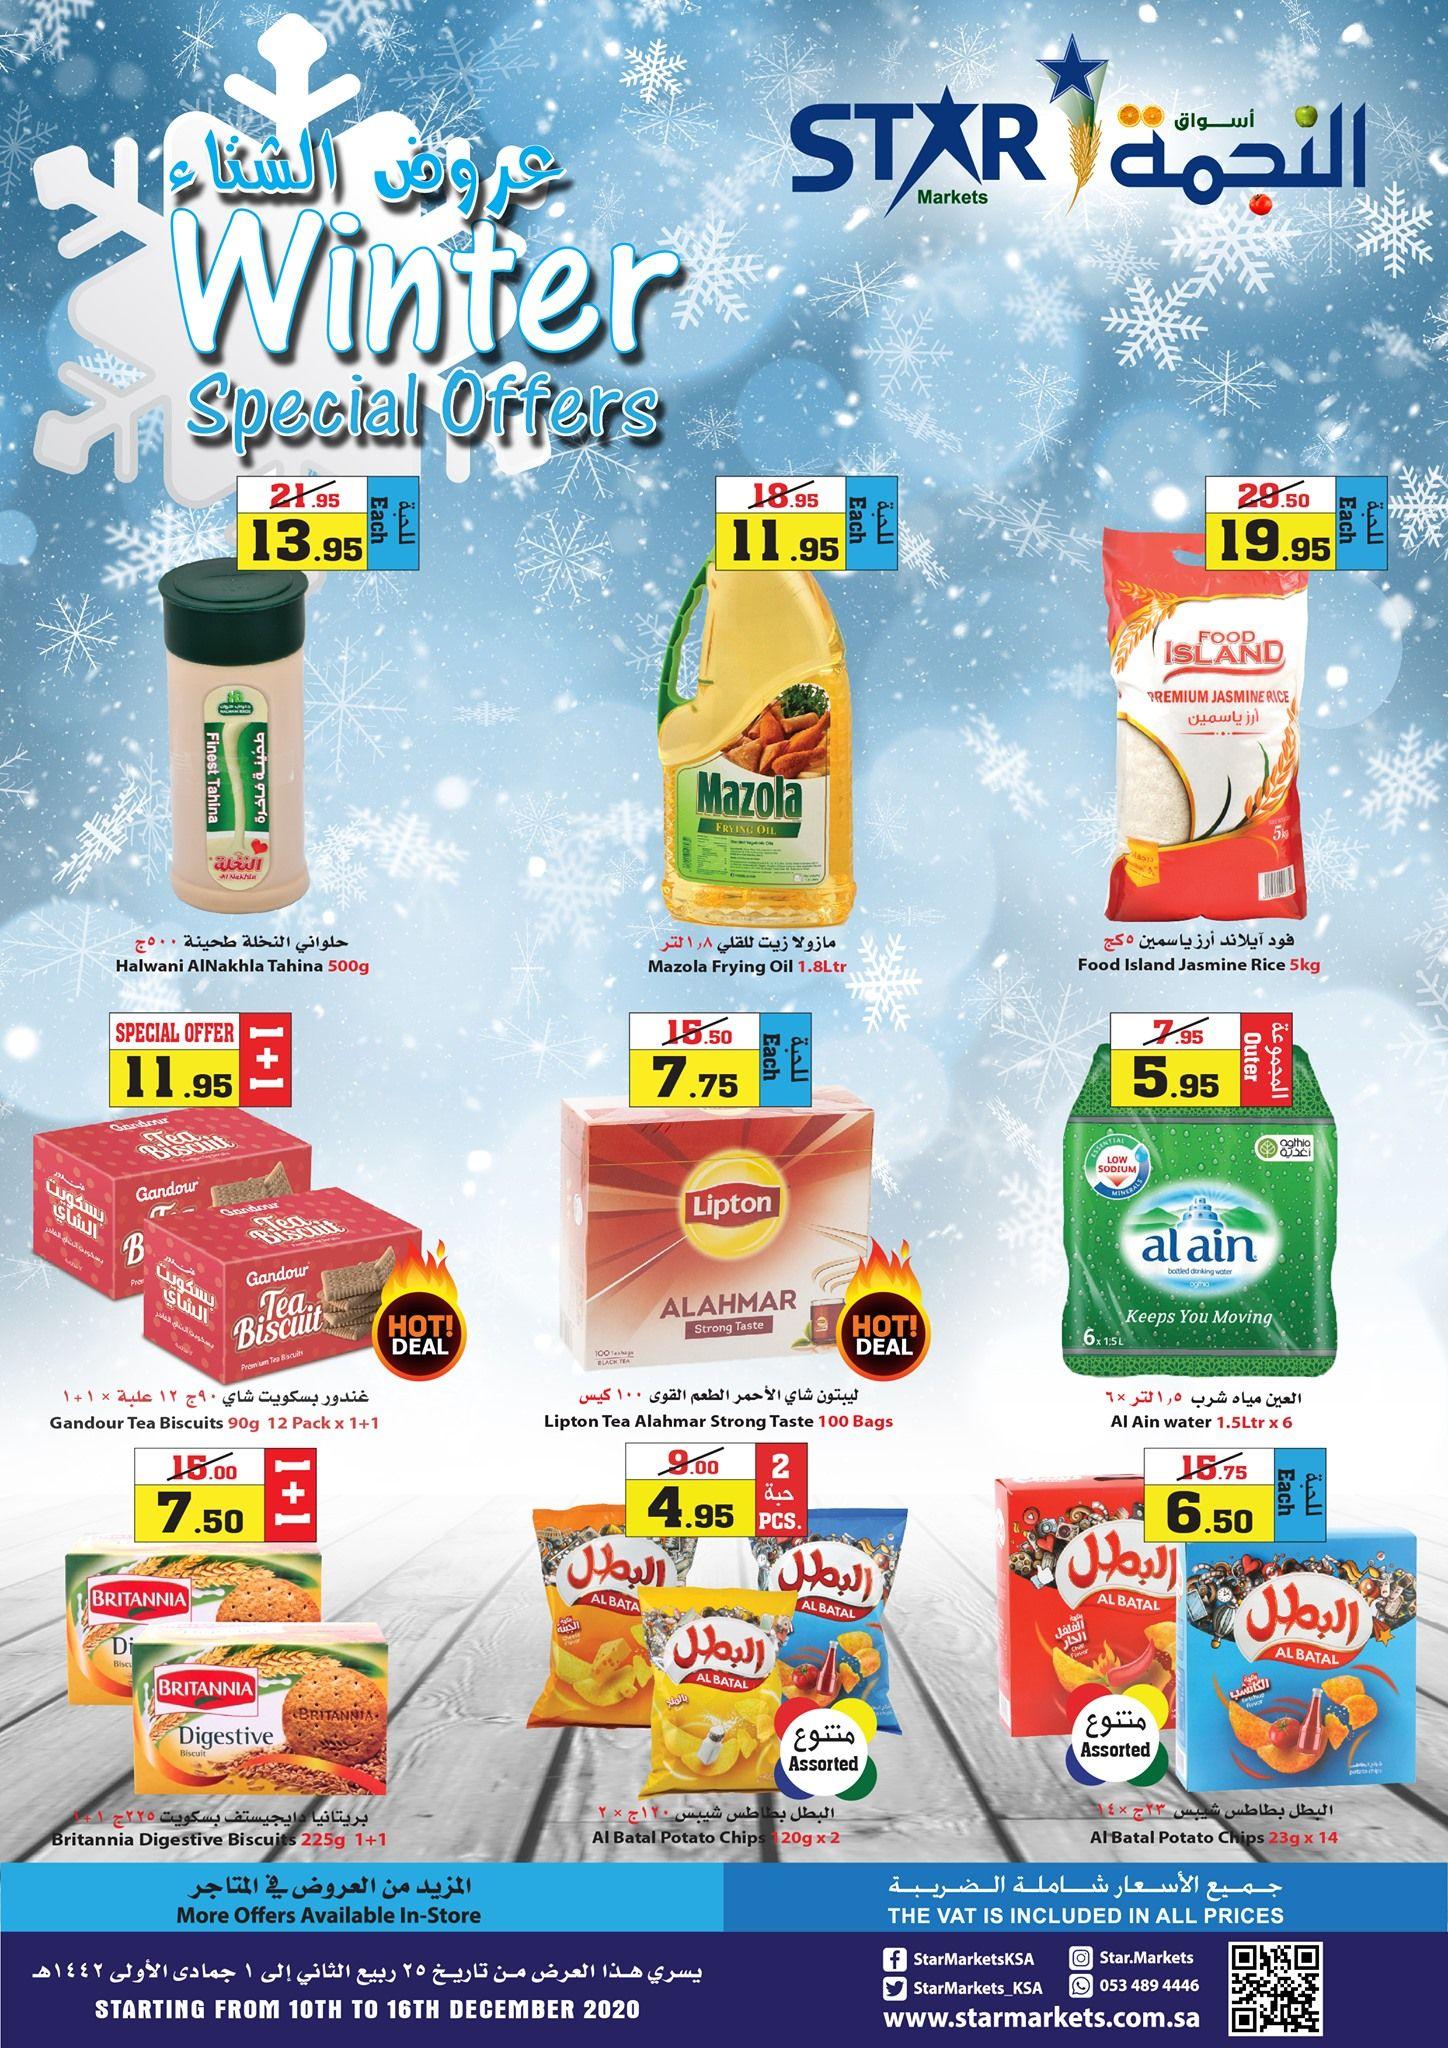 عروض اسواق النجمة الاسبوعية الخميس 10 ديسمبر 2020 عروض الشتاء عروض اليوم In 2020 Food Gum Jasmine Rice